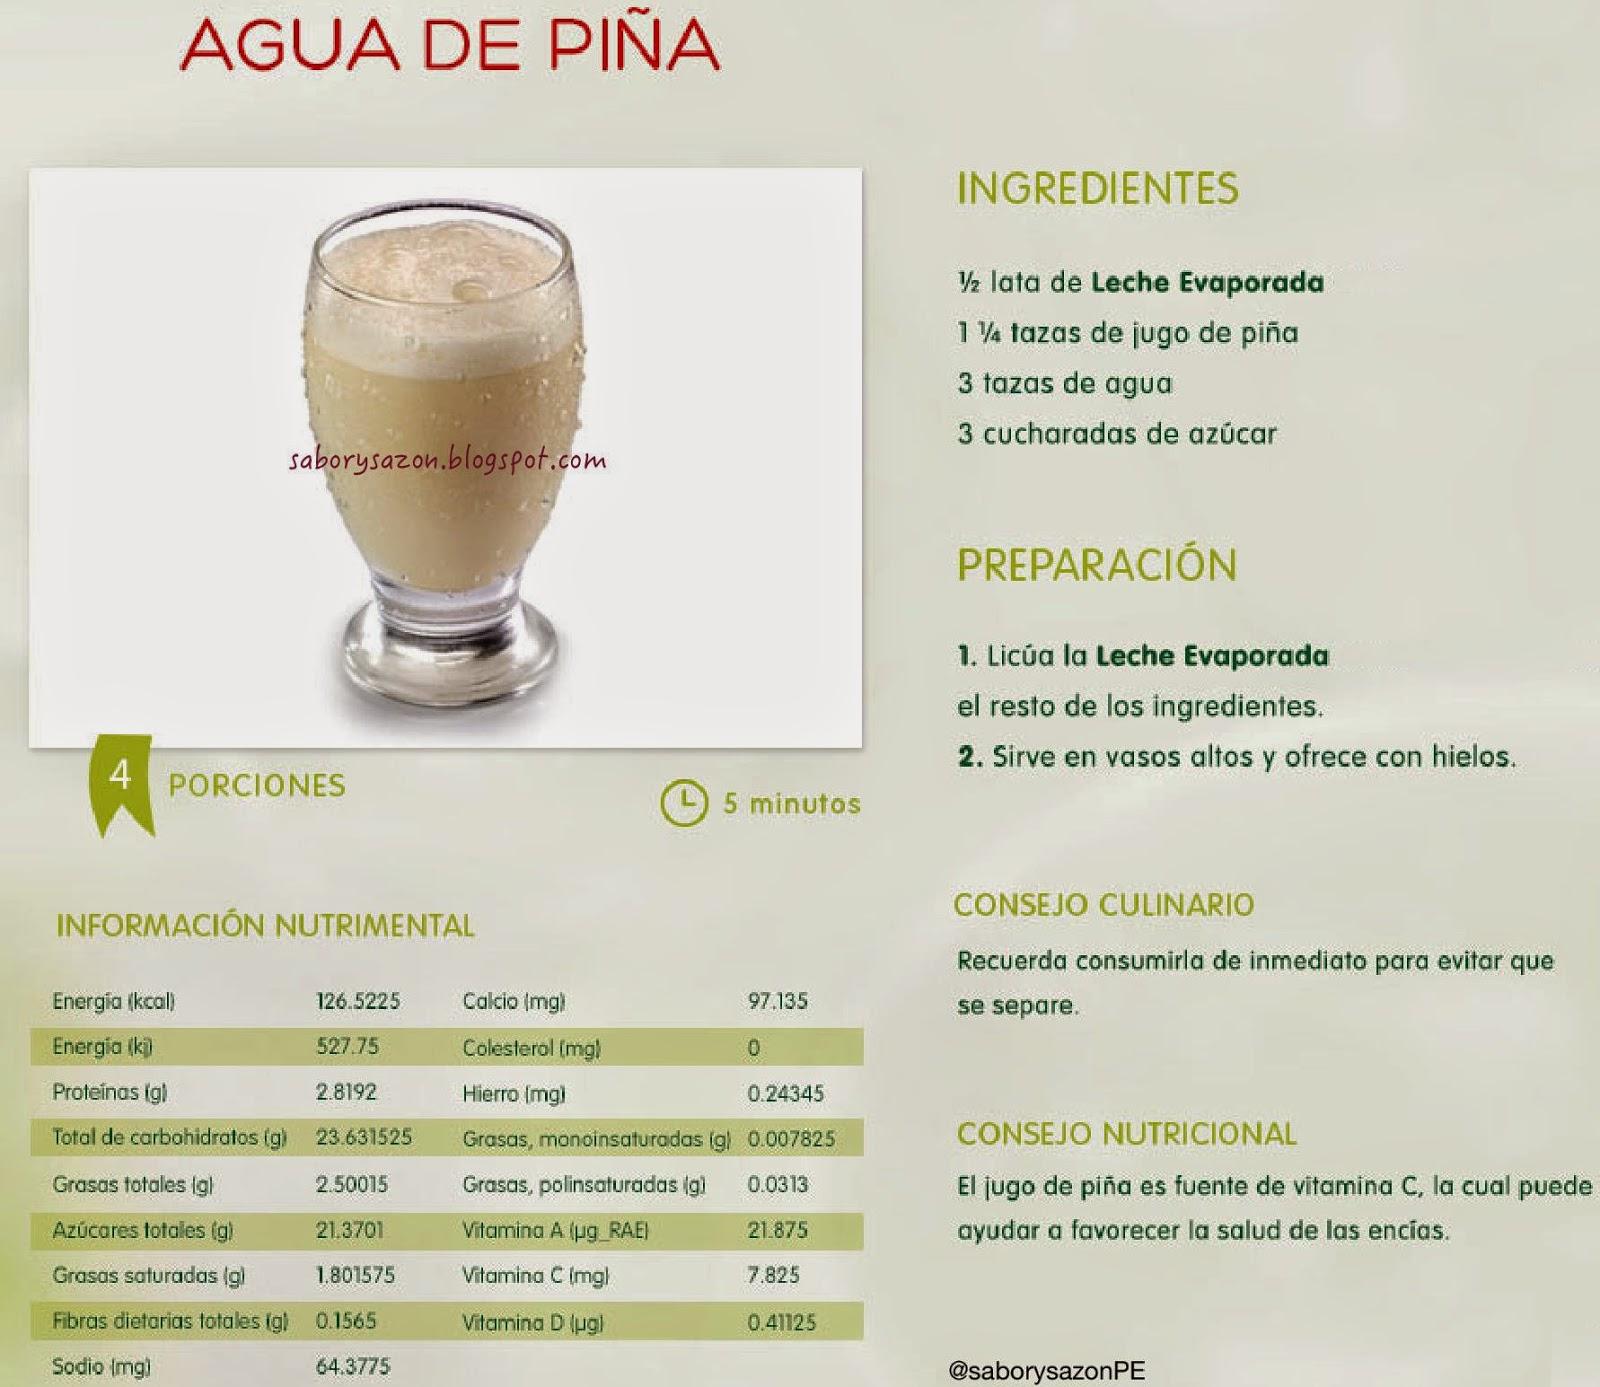 AGUA DE PIÑA - BEBIDAS REFRESCANTES PARA VERANO - recetas caseras